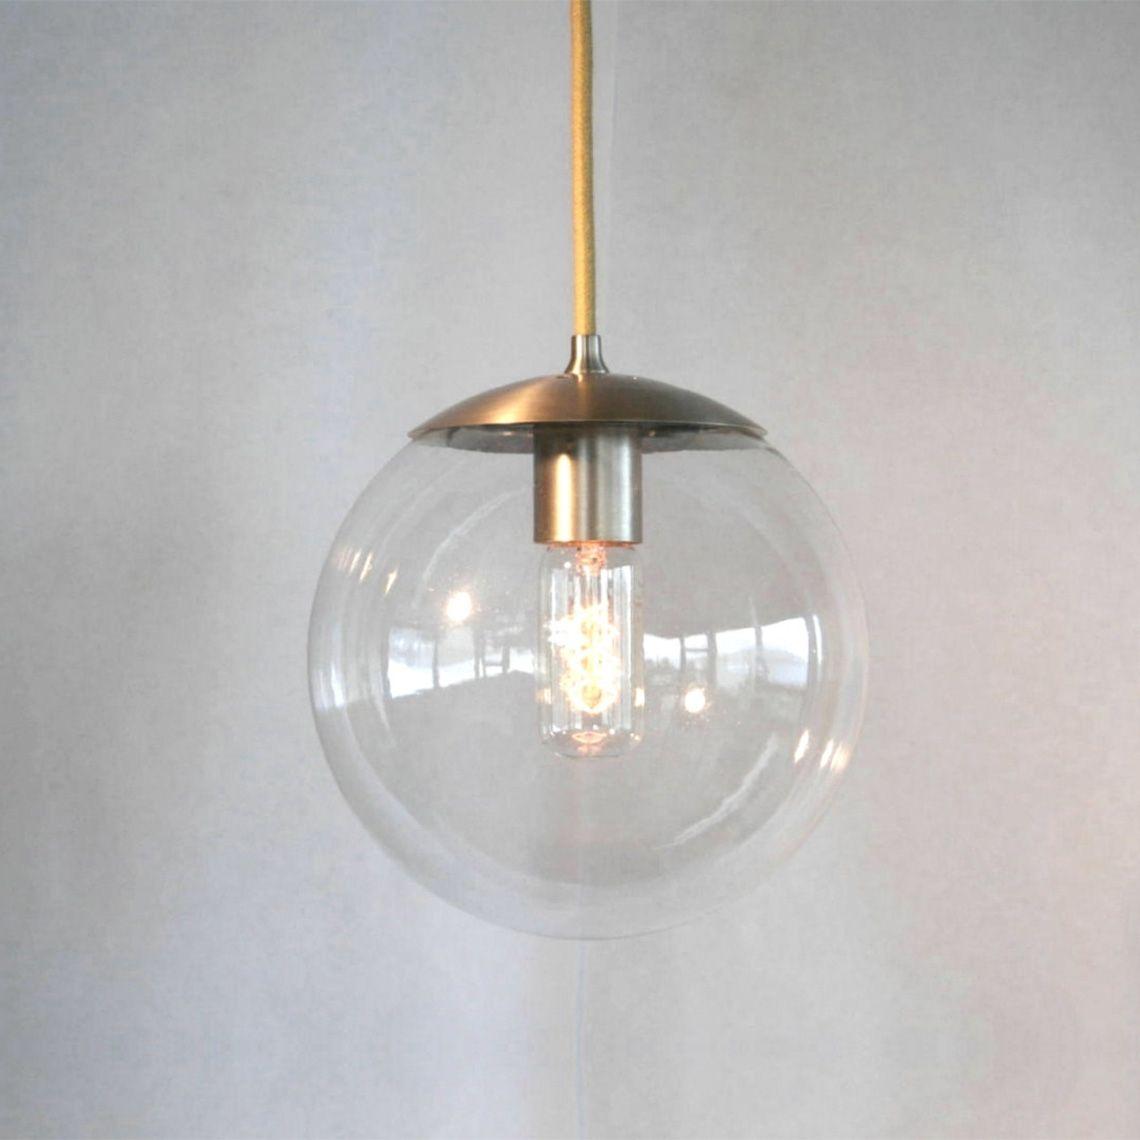 pendant lighting globes. Orbiter 8 Pendant Light Lighting Globes N